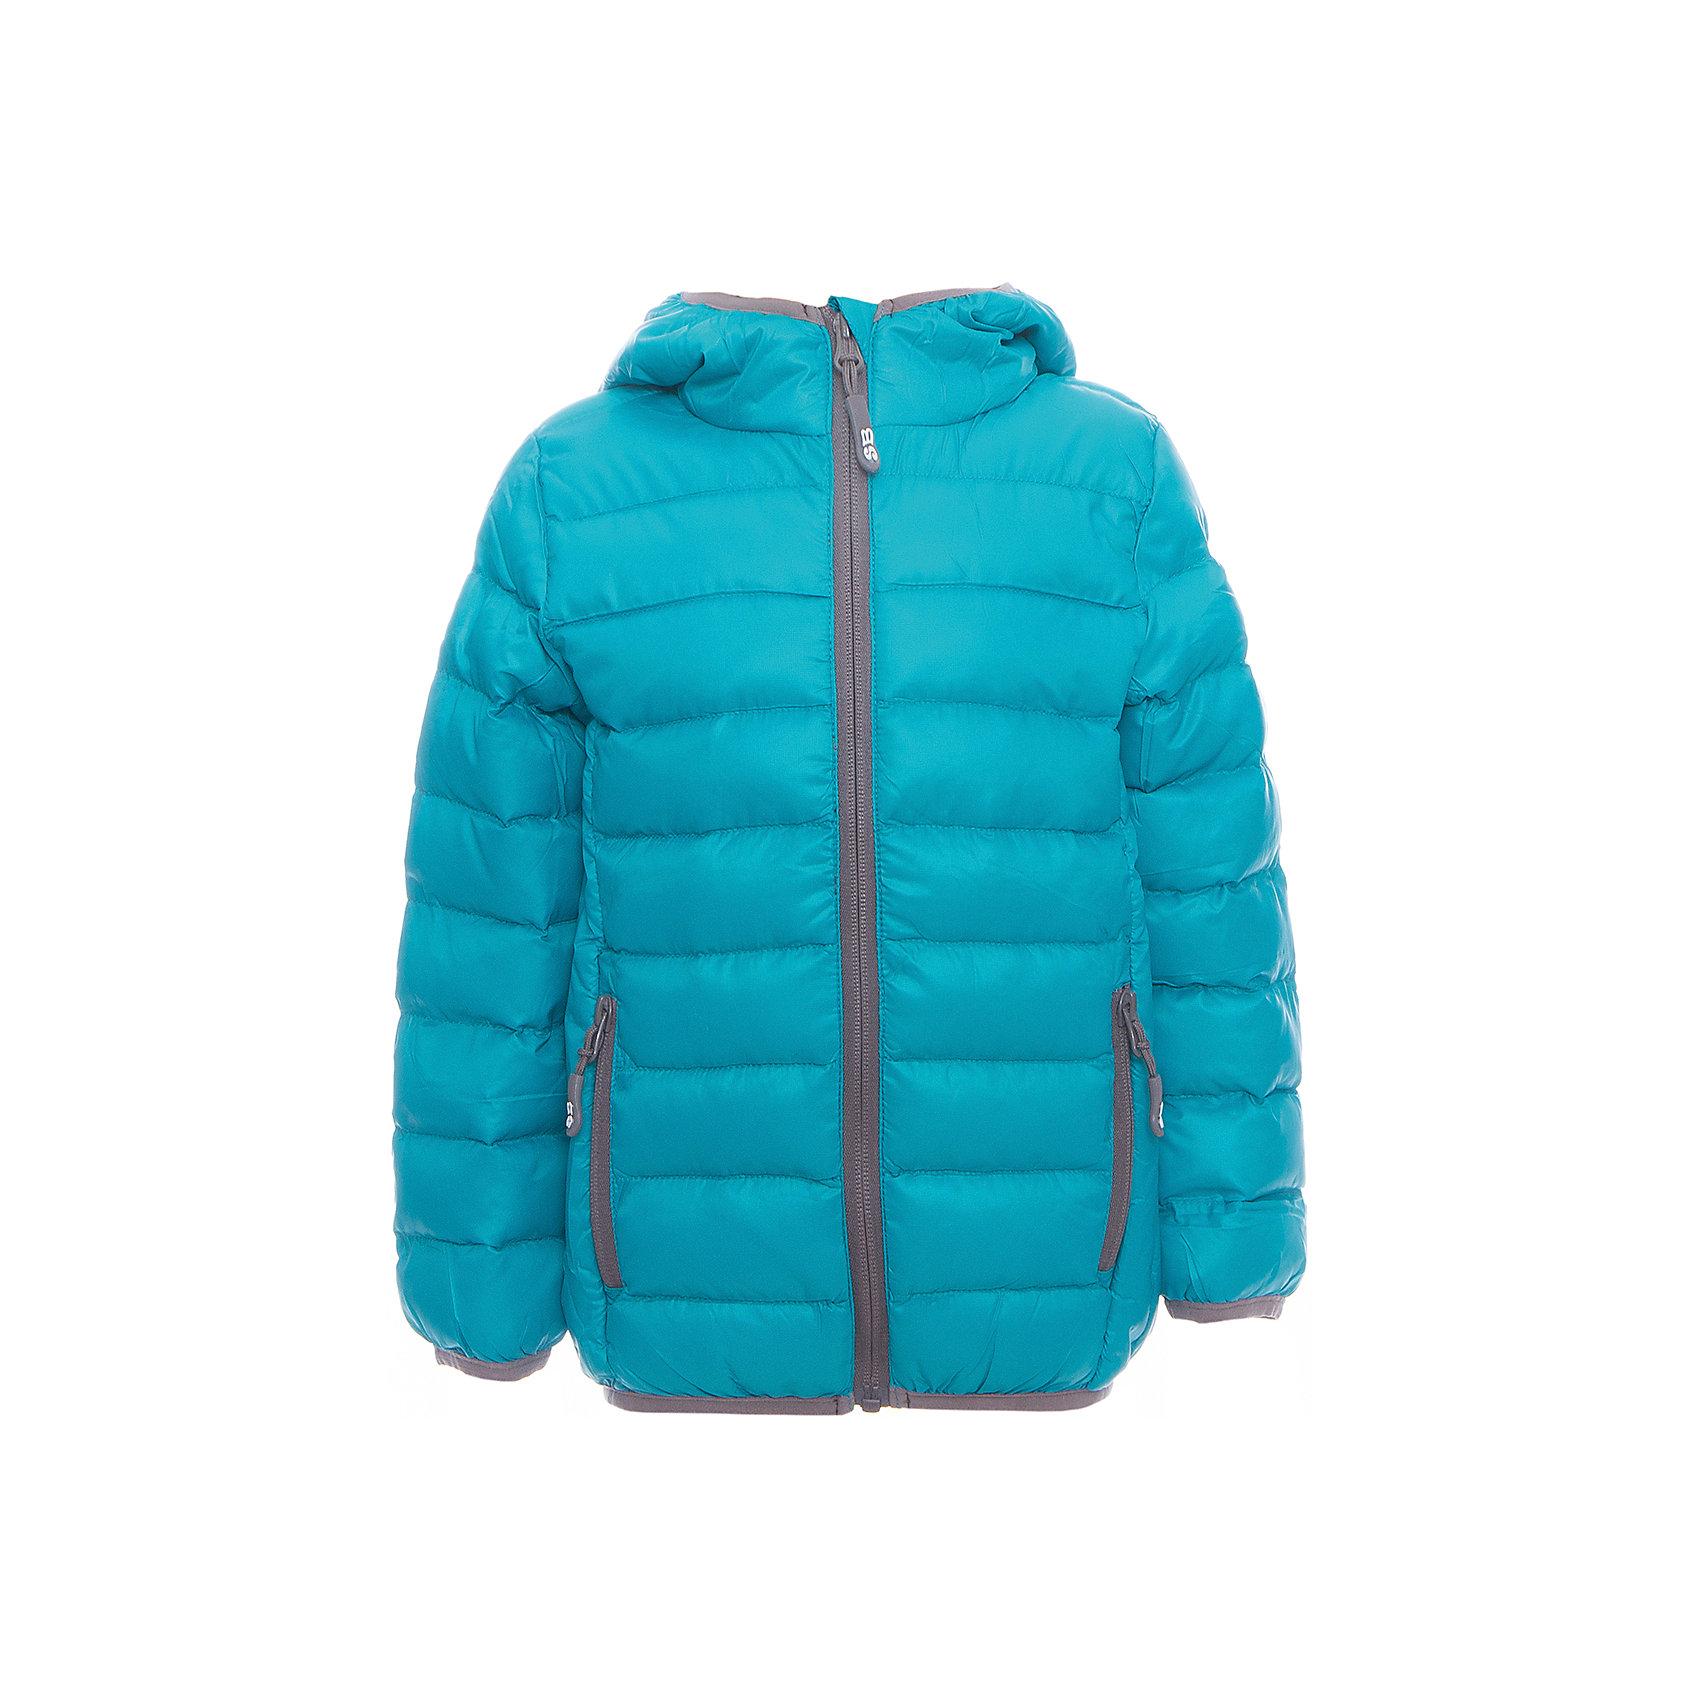 Куртка для мальчика Sweet BerryКрасивая, удобная и теплая куртка синего цвета на синтепоне для мальчика. Классический прямой крой выгодно подчеркивается контрастными вертикальными молниями-застежками. На рукавах манжеты для плотного прилегания к телу.<br>Состав:<br>Верх:  100% нейлон.  Подкладка: 100% нейлон. Наполнитель: 100%полиэстер<br><br>Ширина мм: 356<br>Глубина мм: 10<br>Высота мм: 245<br>Вес г: 519<br>Цвет: зеленый<br>Возраст от месяцев: 36<br>Возраст до месяцев: 48<br>Пол: Мужской<br>Возраст: Детский<br>Размер: 104,140,98,110,116,122,128,134<br>SKU: 5412973